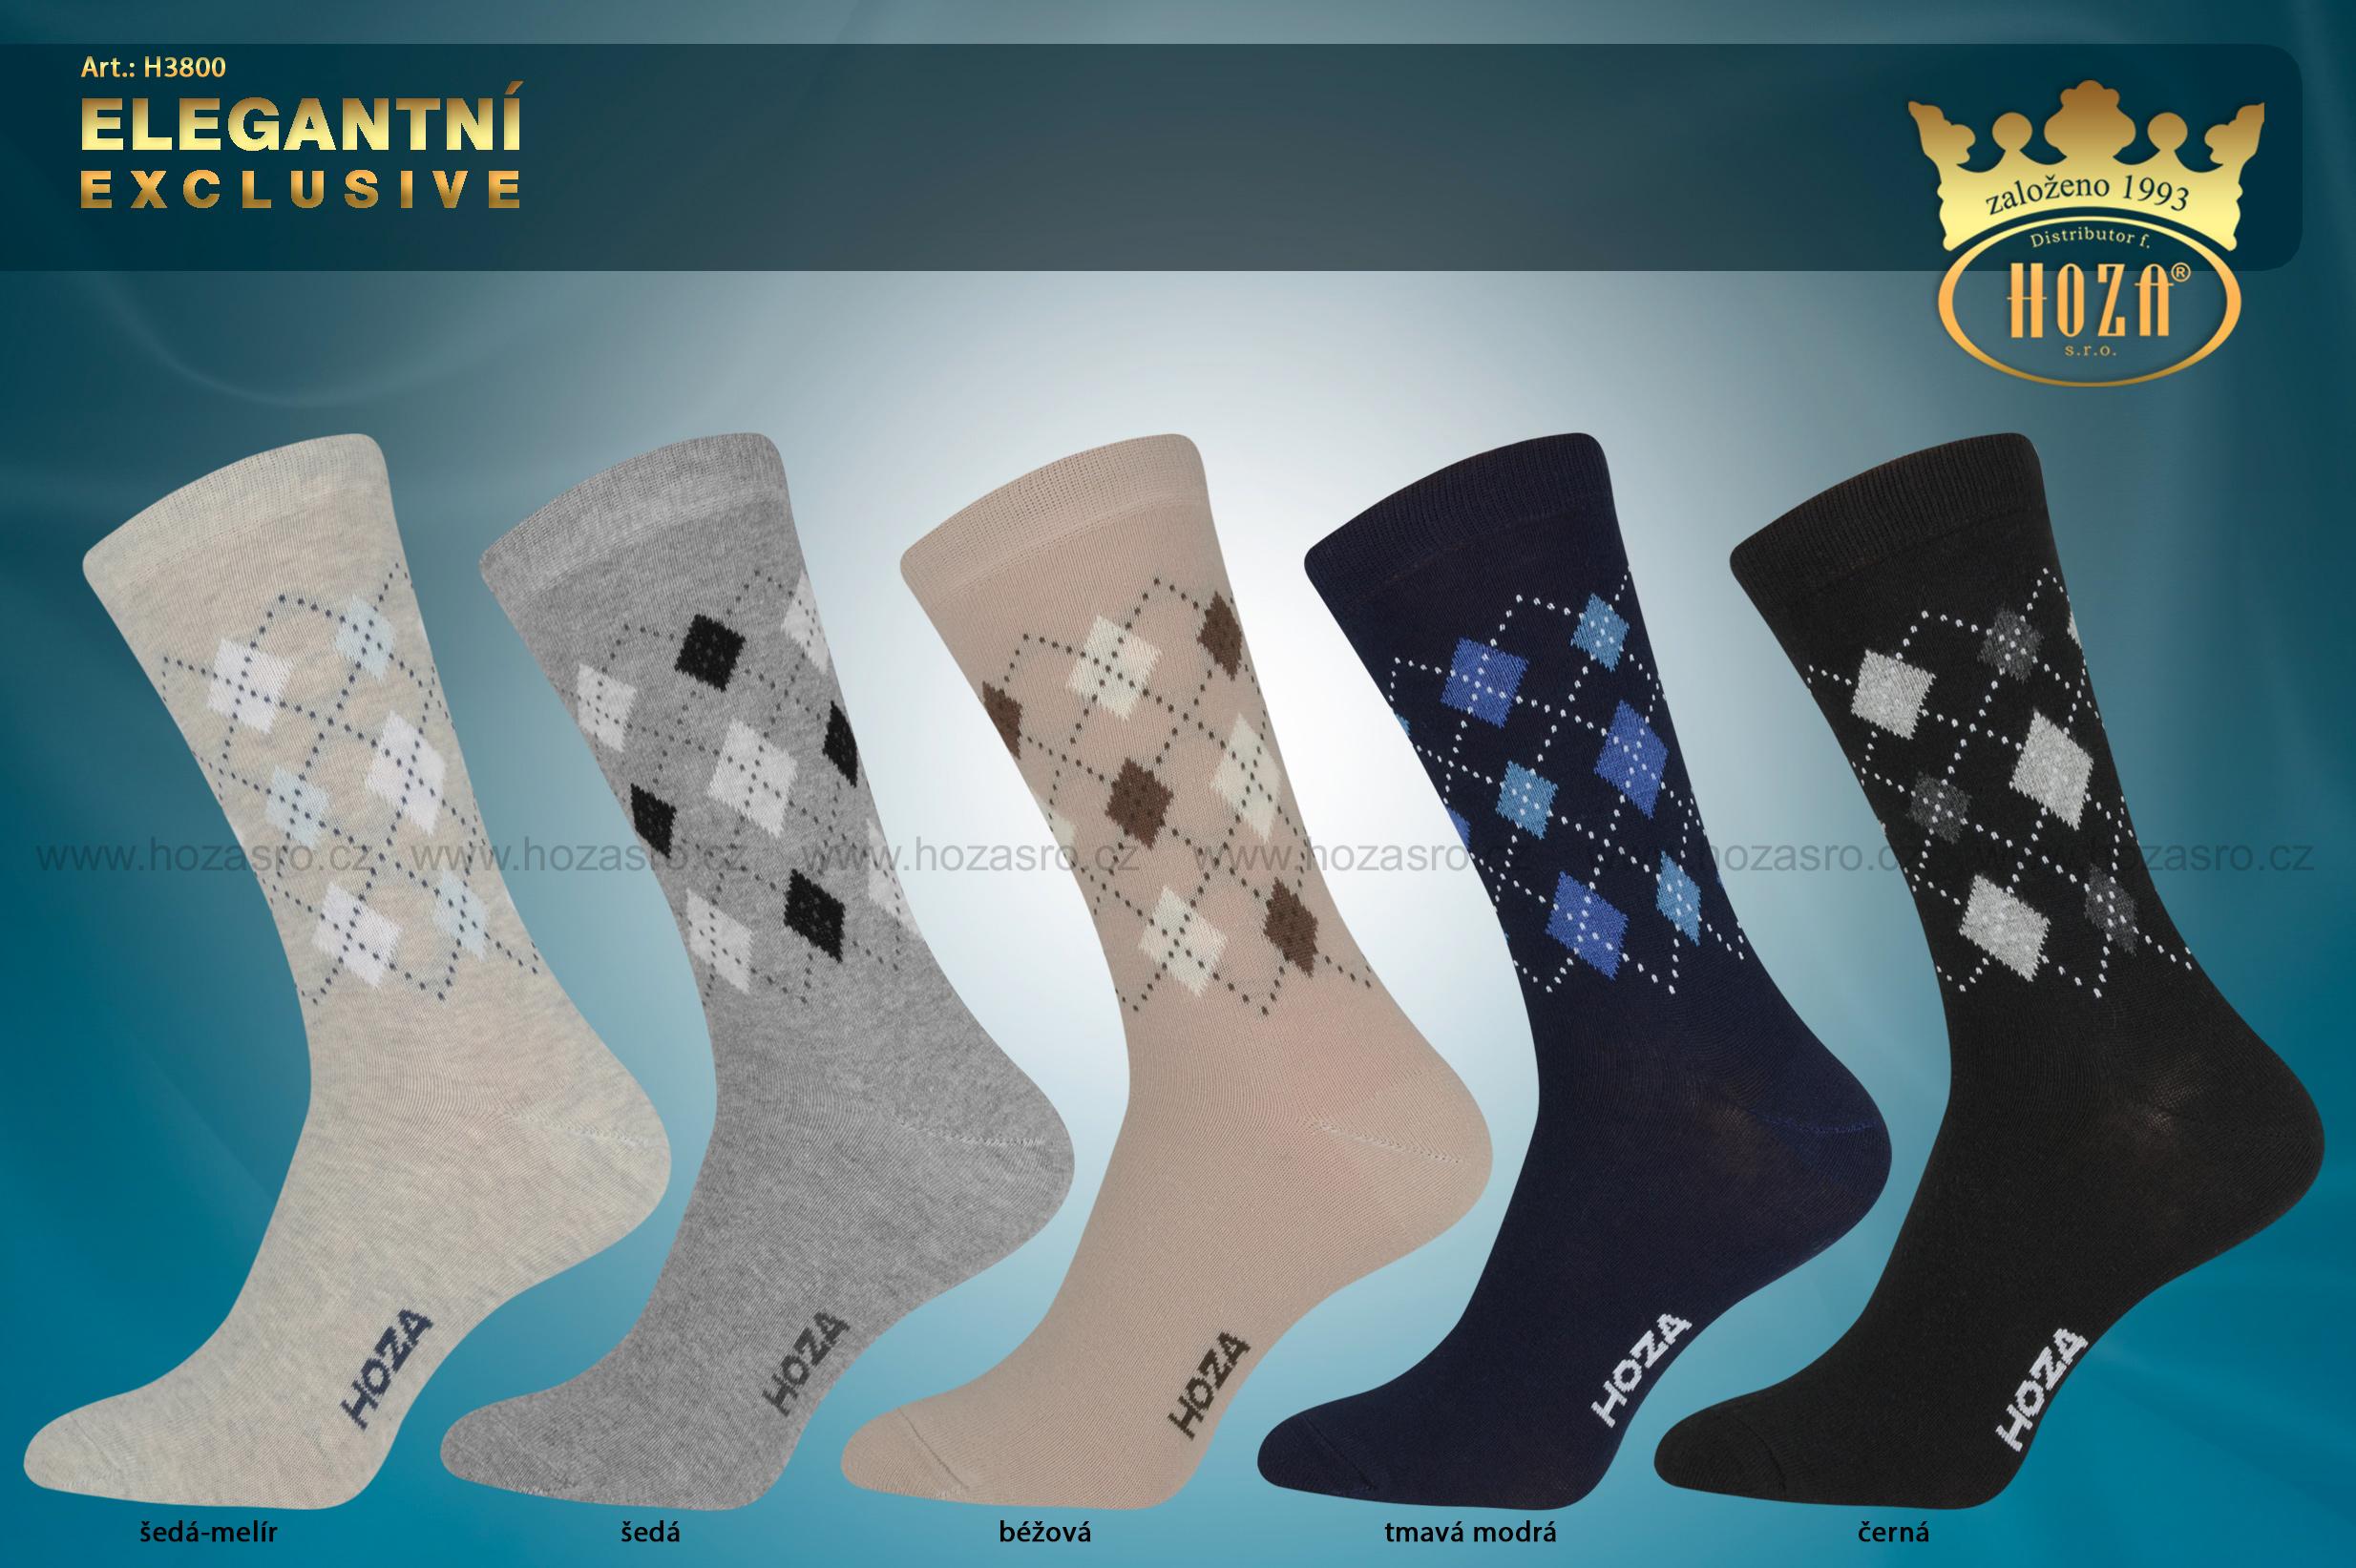 Pánské elegantní HOZA ponožky vyšší s elastanem - káro - H3800